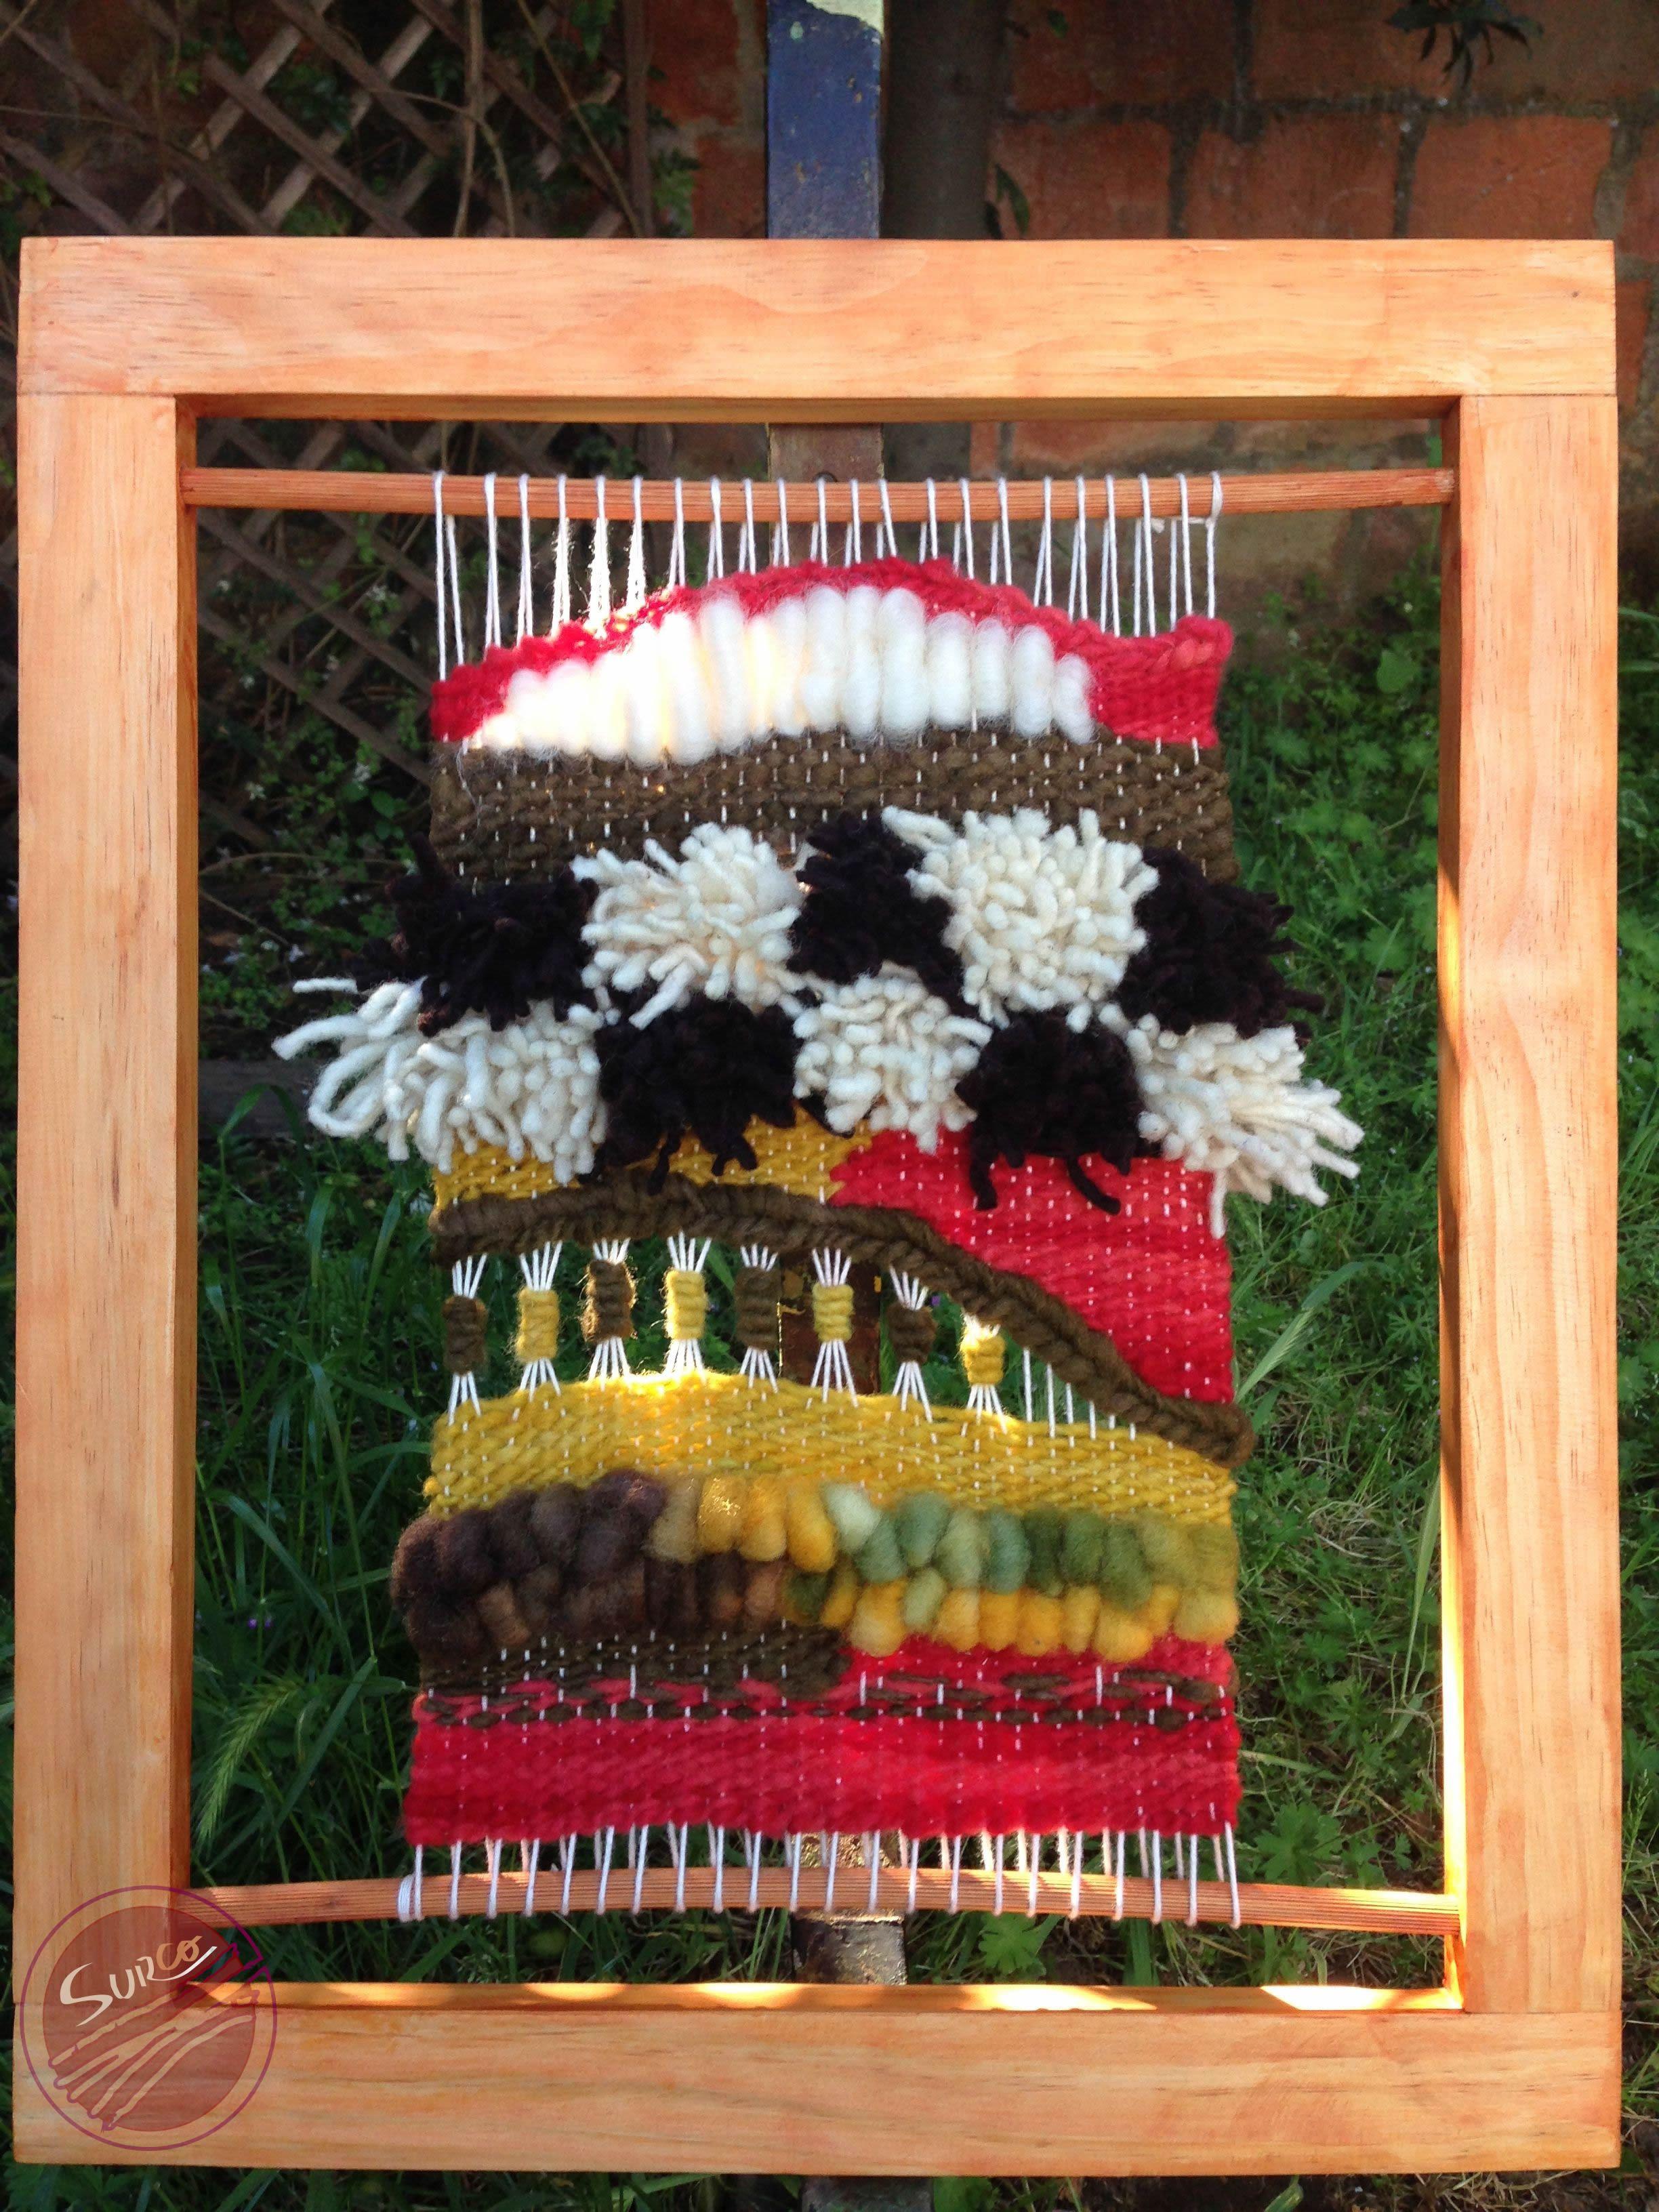 Telar decorativo en marco de madera de 50*40 cms. Realizado con lana ...